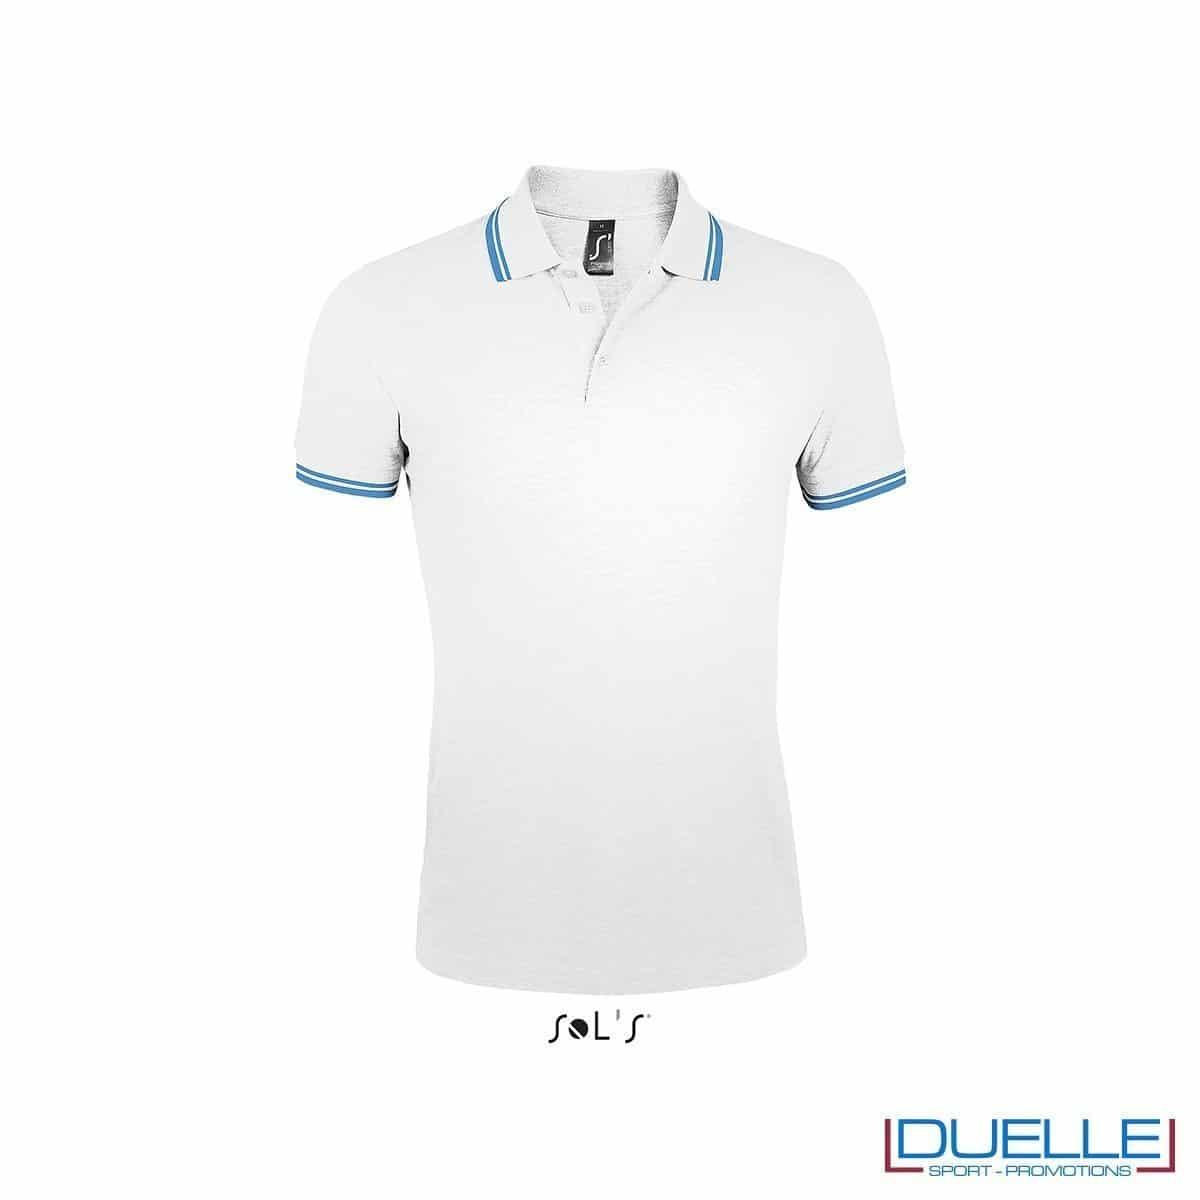 polo personalizzata bianca con profili a contrasto azzurri, polo personalizzate